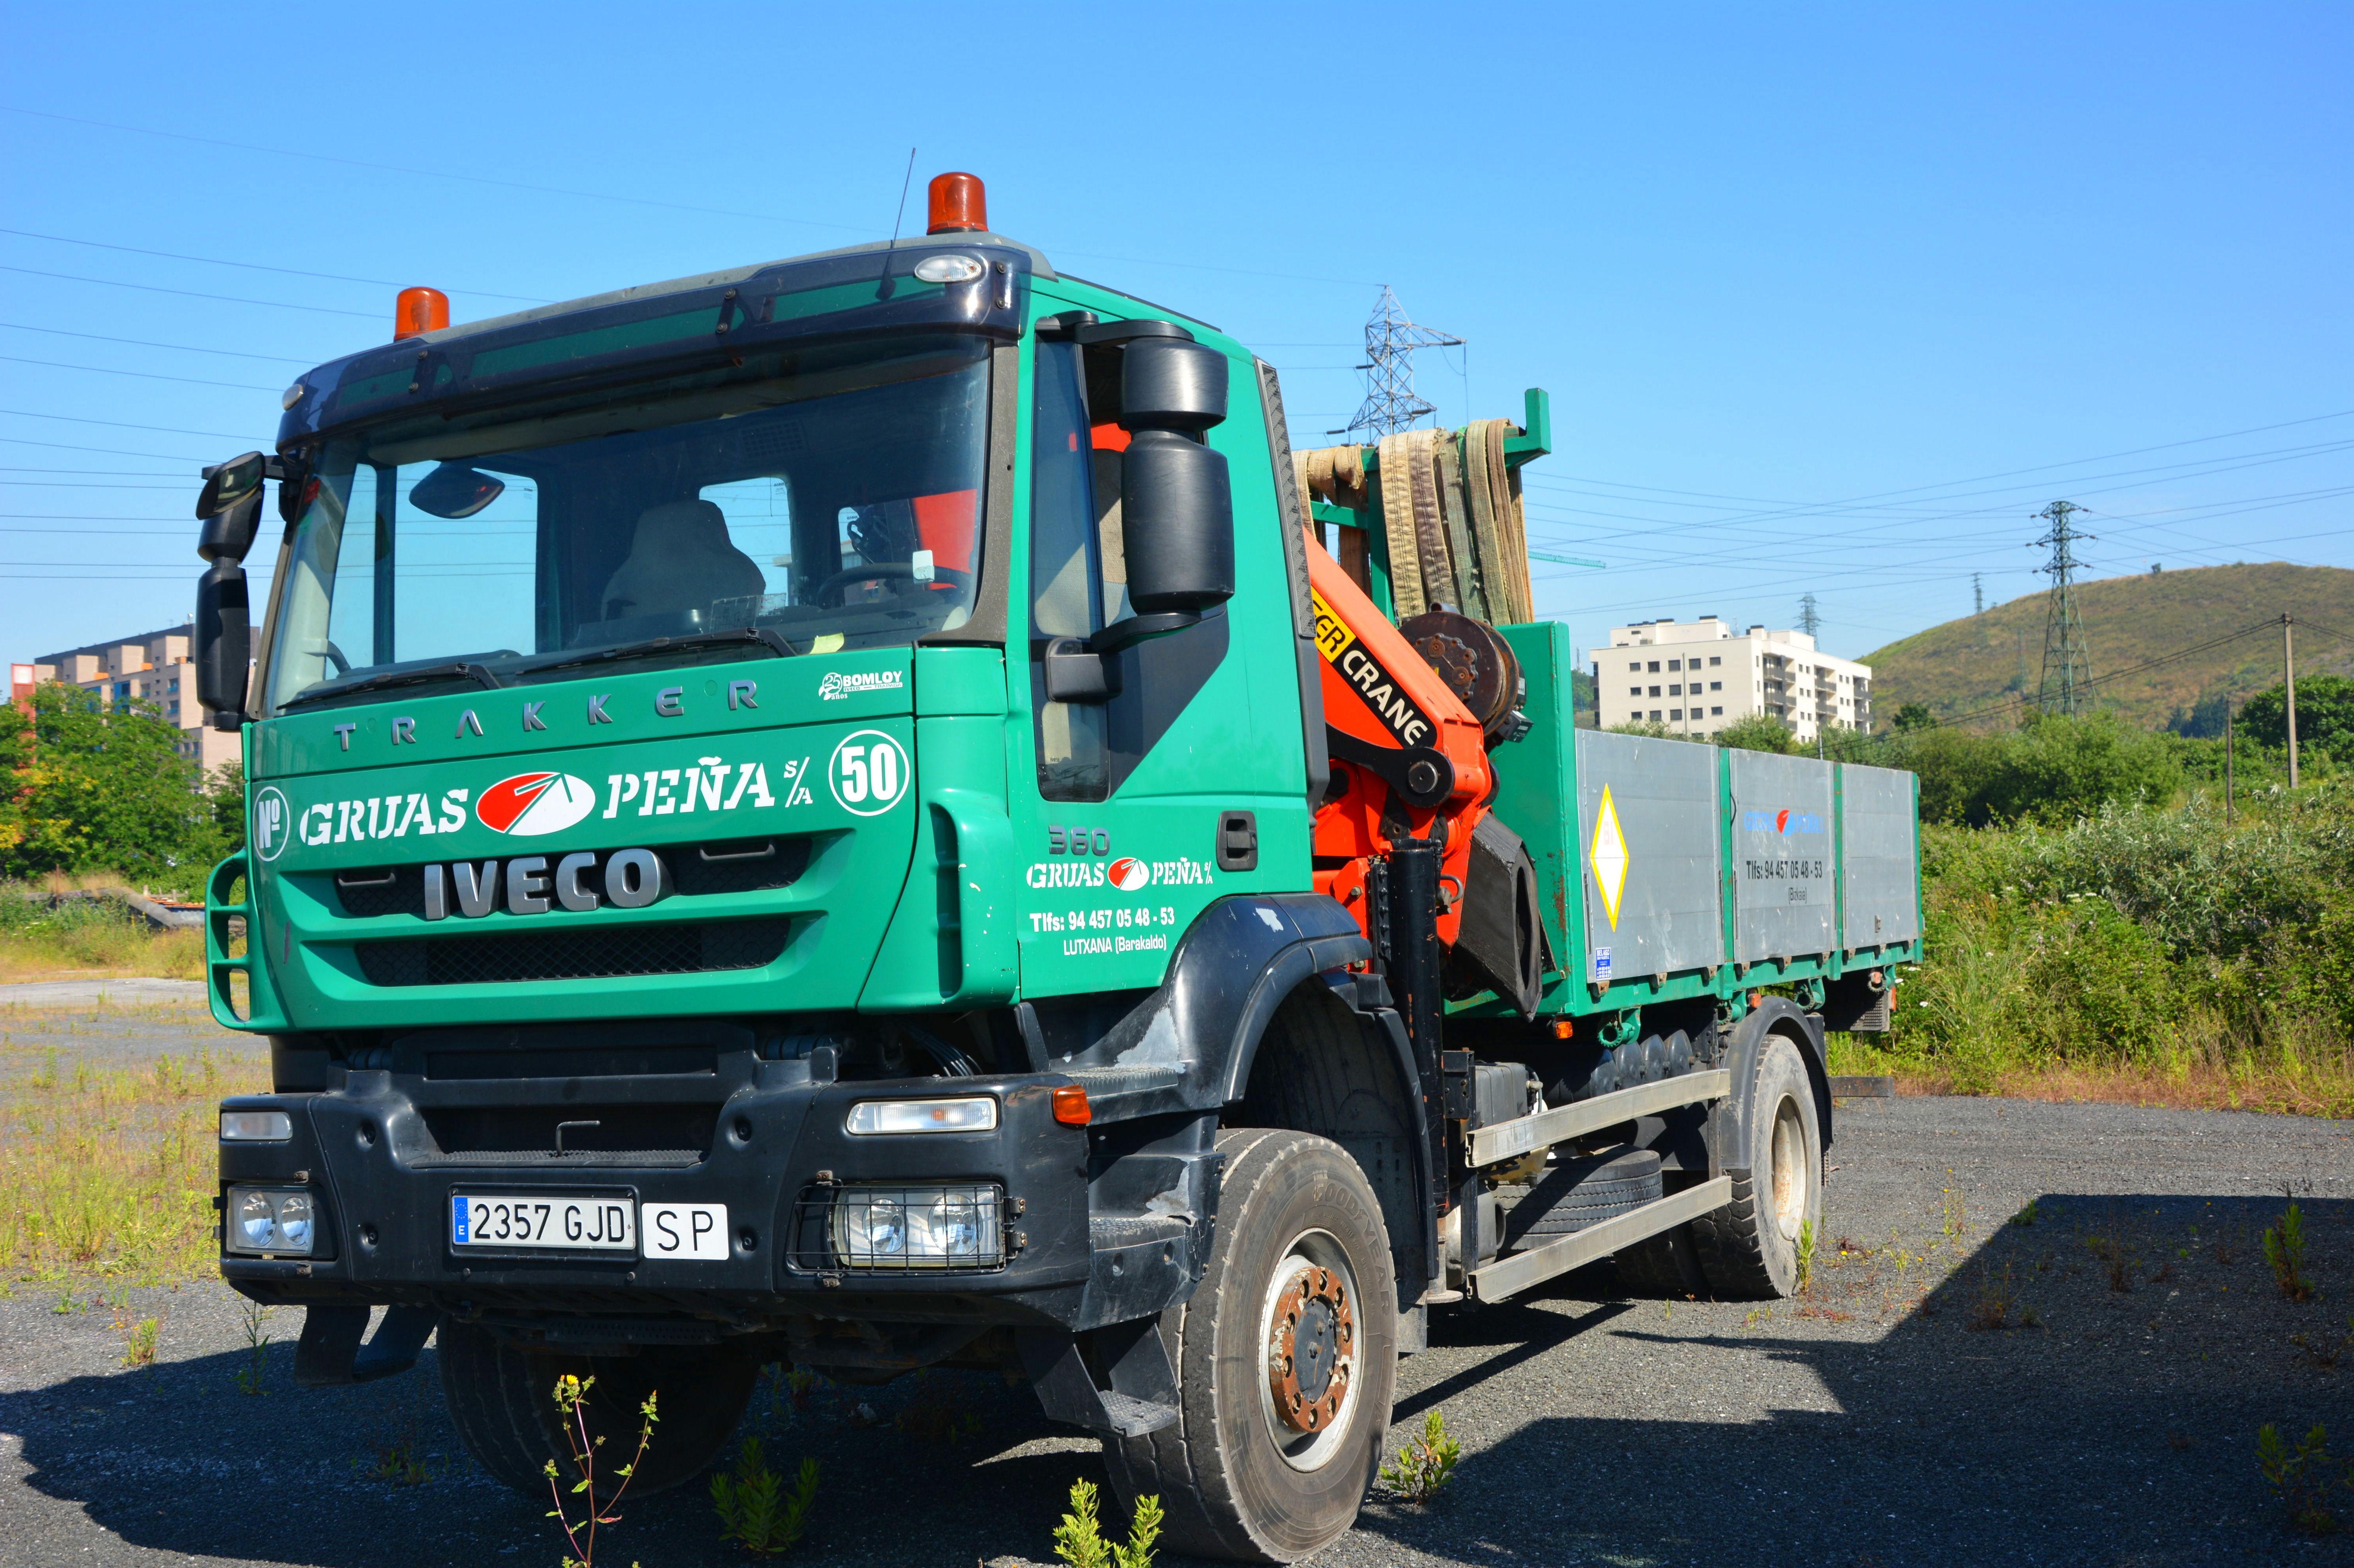 Foto 10 de Alquiler de camiones con grúa en Barakaldo | Camiones con Grúas Peña